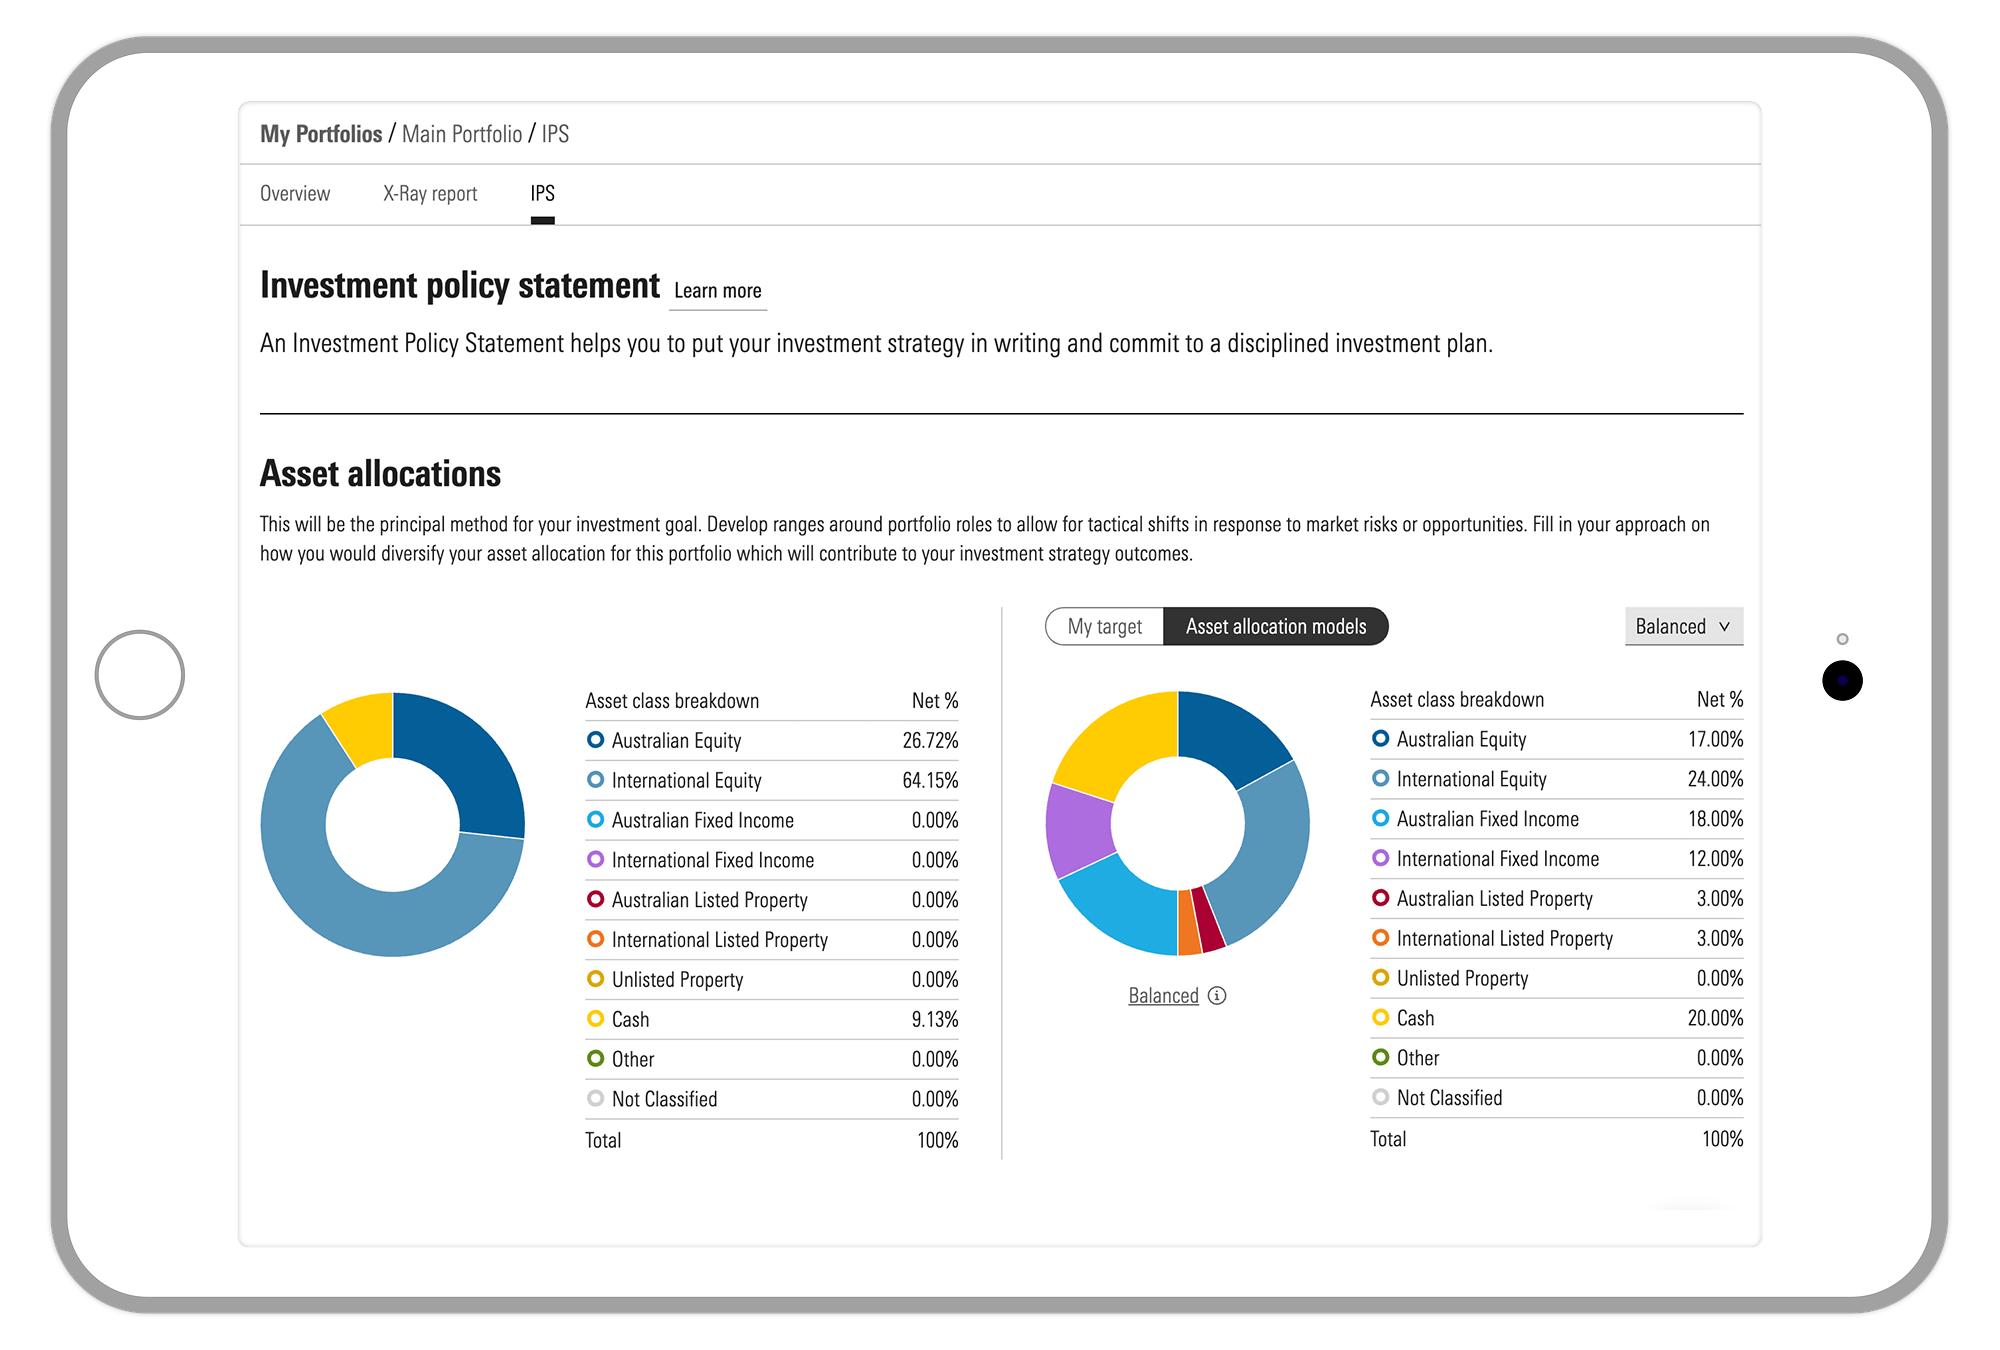 Premium Portfolio IPS asset allocation